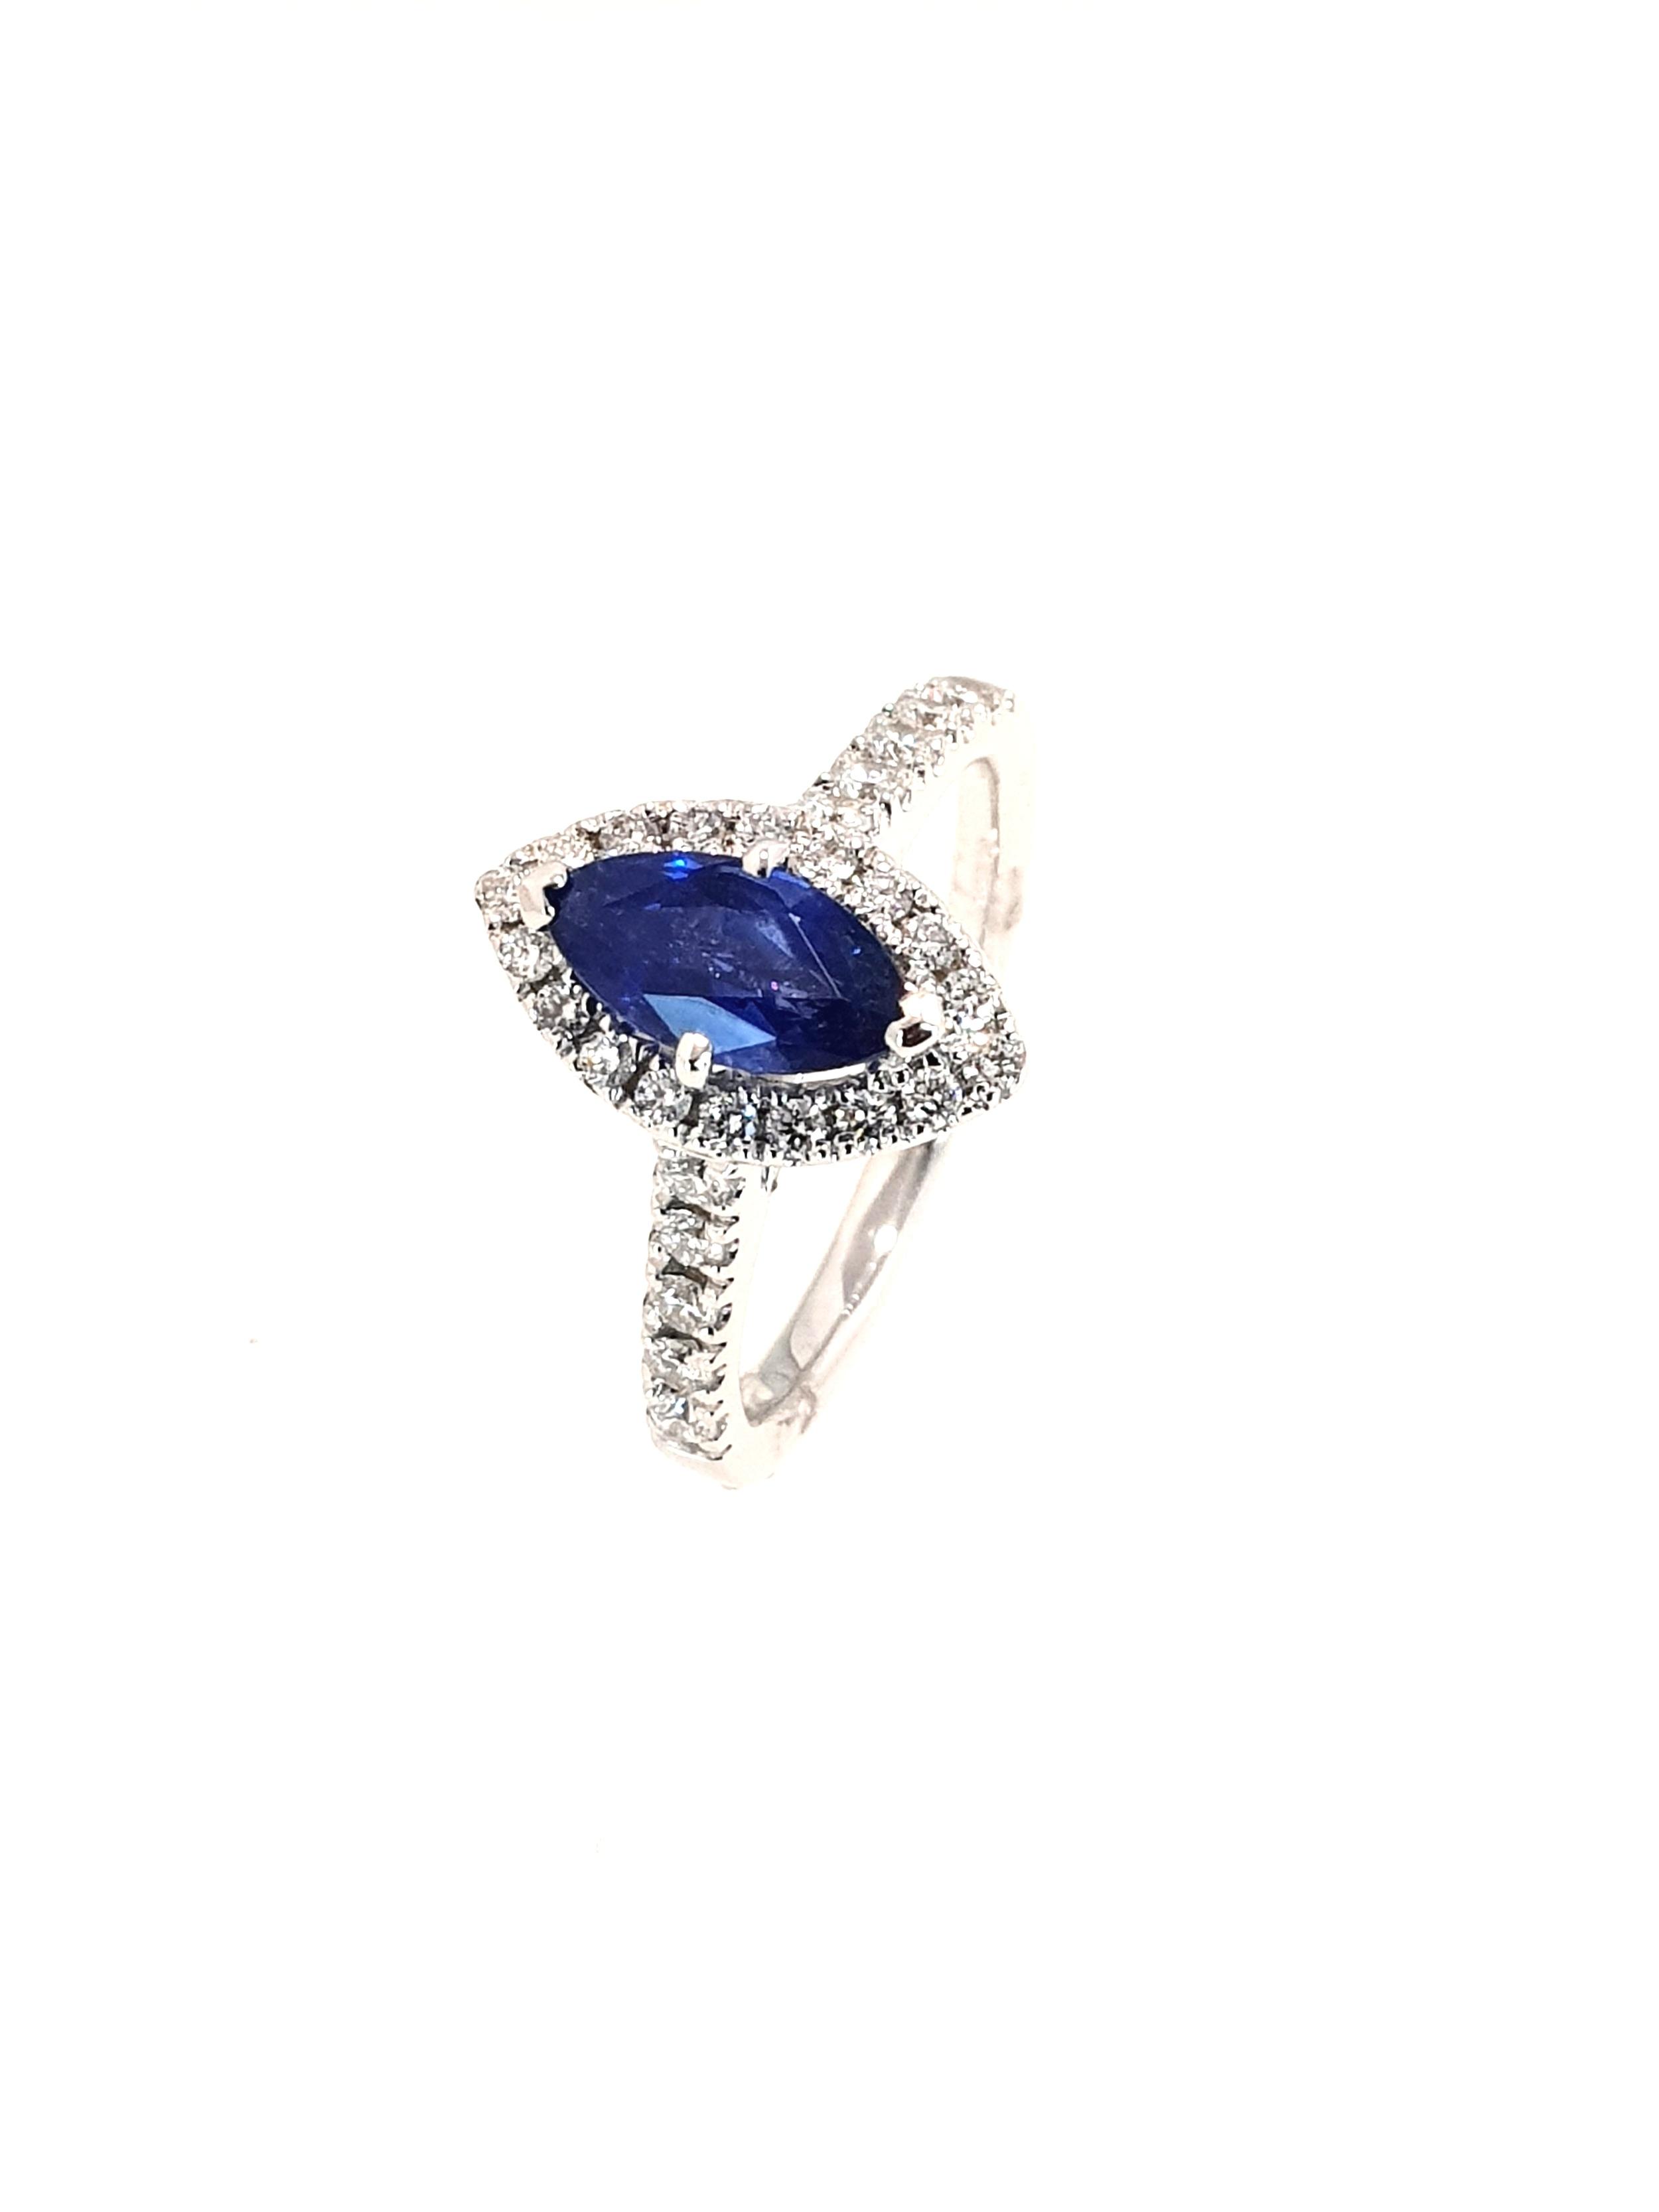 18ct White Gold Sapphire(1.08ct) & Diamond Ring  Diamond: .39ct, G, Si1  Stock Code: N8977  £2400